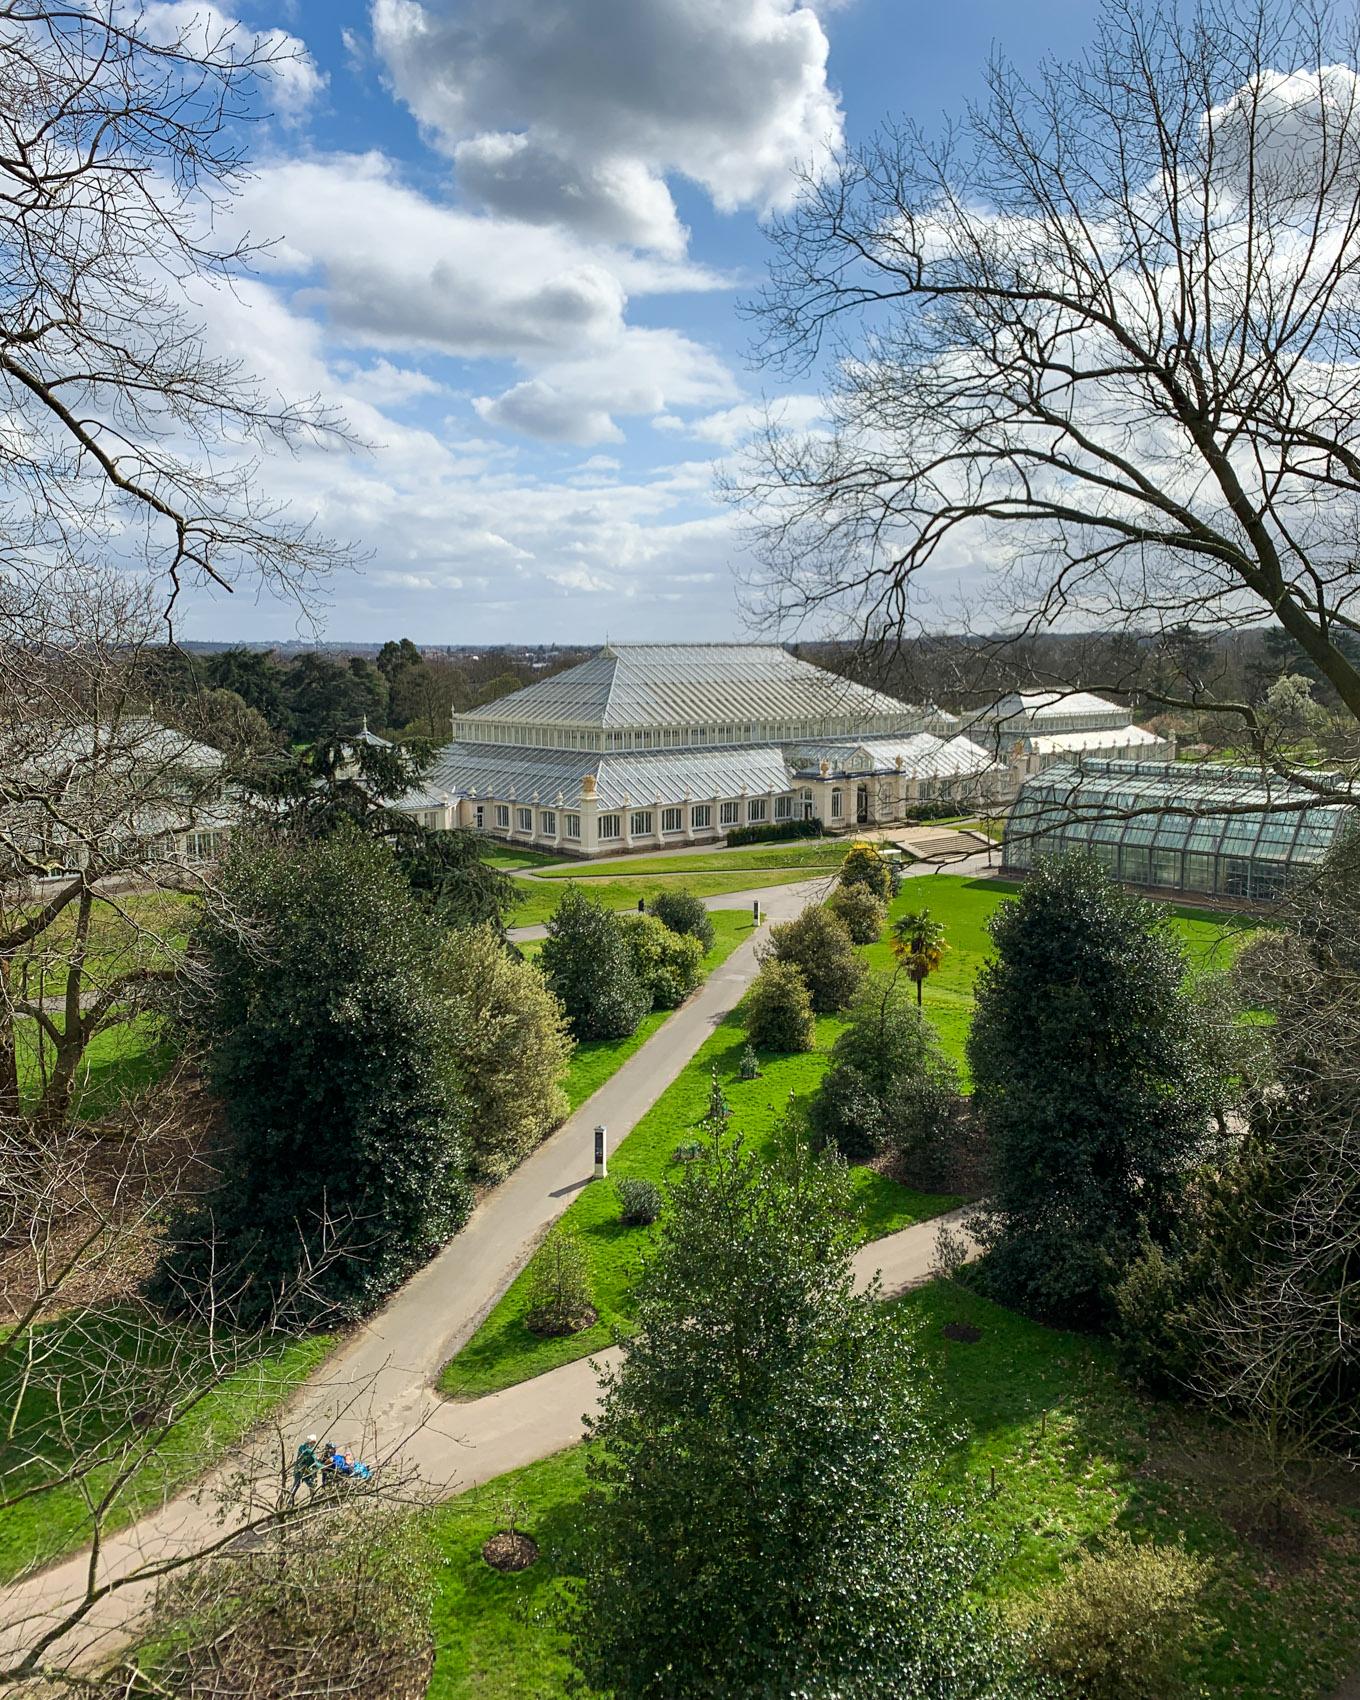 Kew Gardens: Viimeinen päivä Lontoossa vierähti puutarhassa